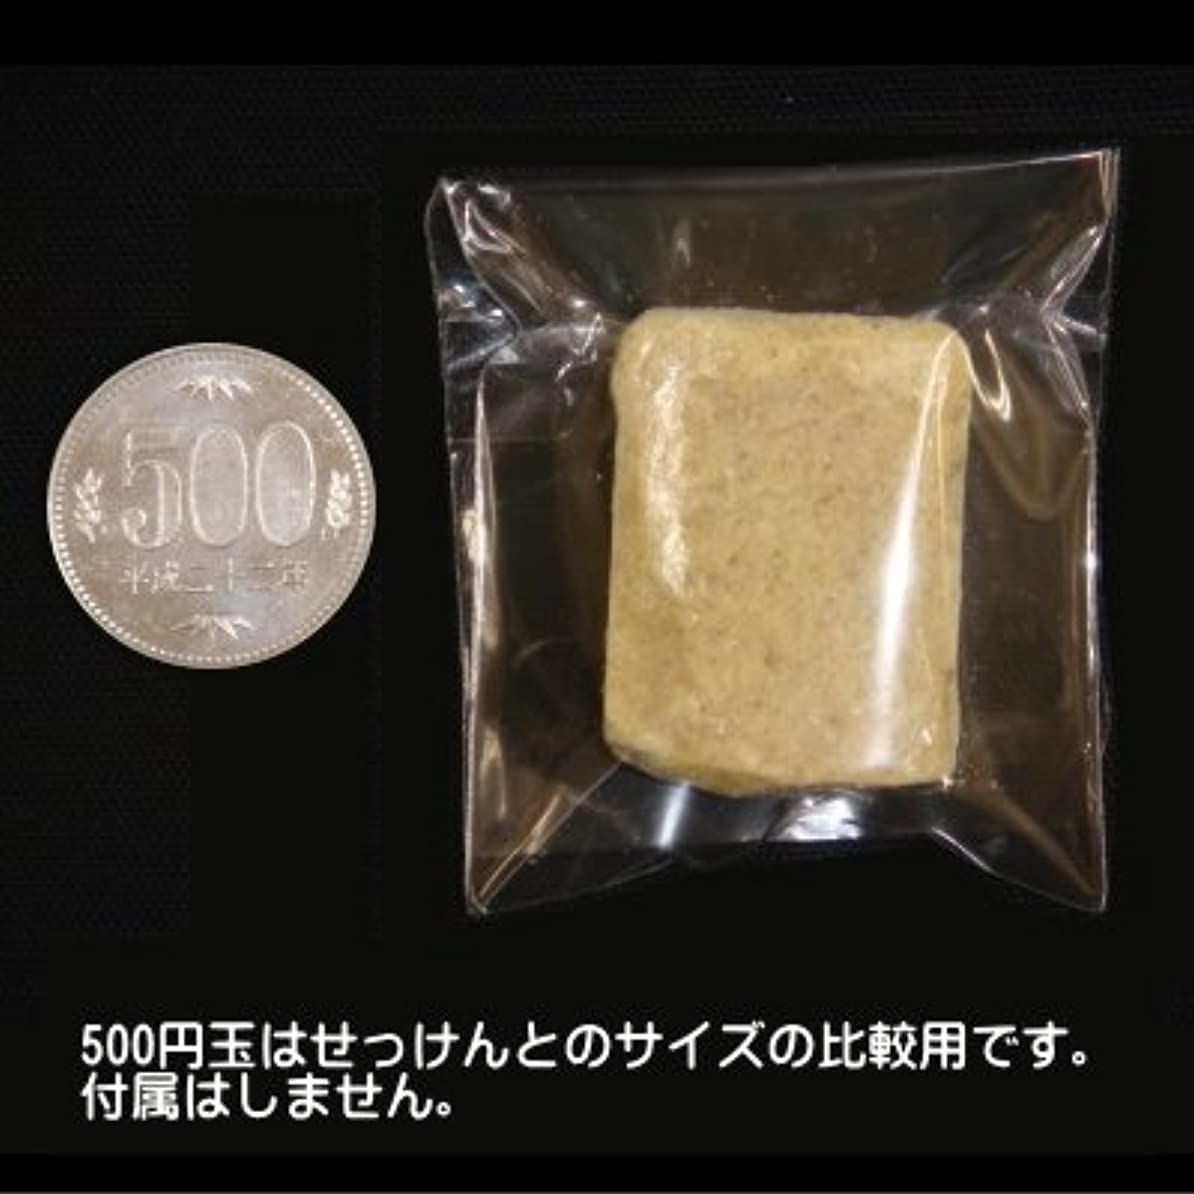 シンプルさ極めて重要なコーヒー緑茶ノニ石鹸 てづくり野にせっけんお試し用12g(無添加石鹸)